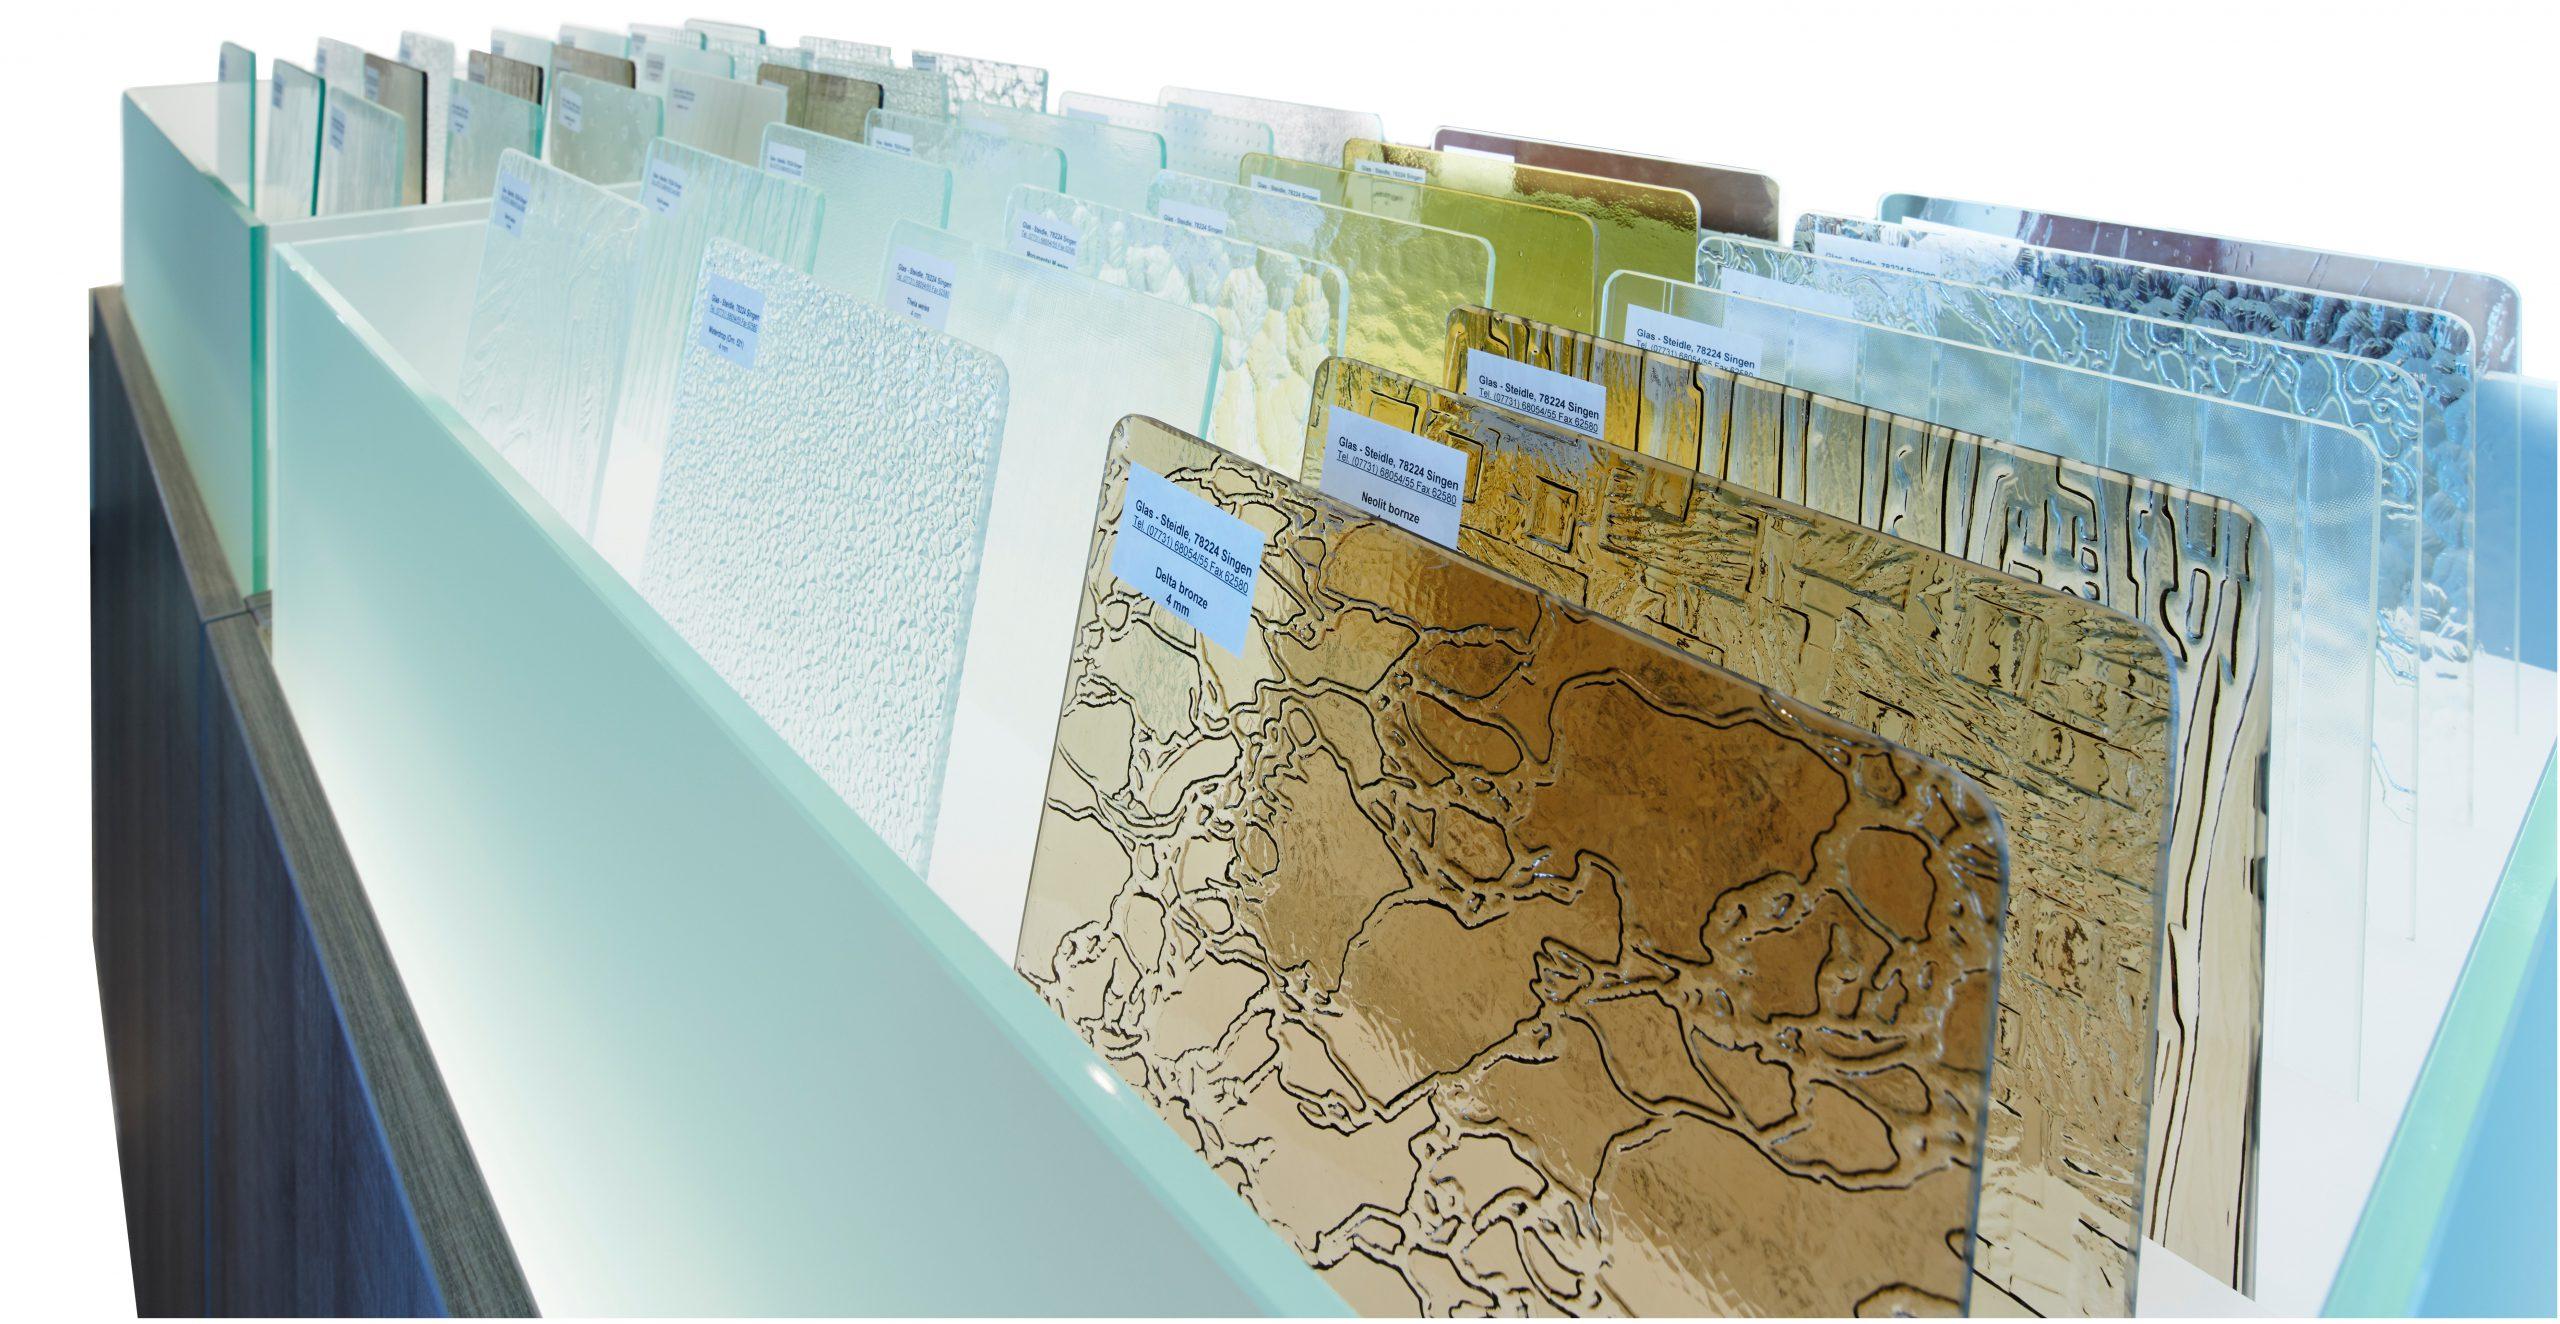 Strukturierte Glasmuster in verschiedenen Farben